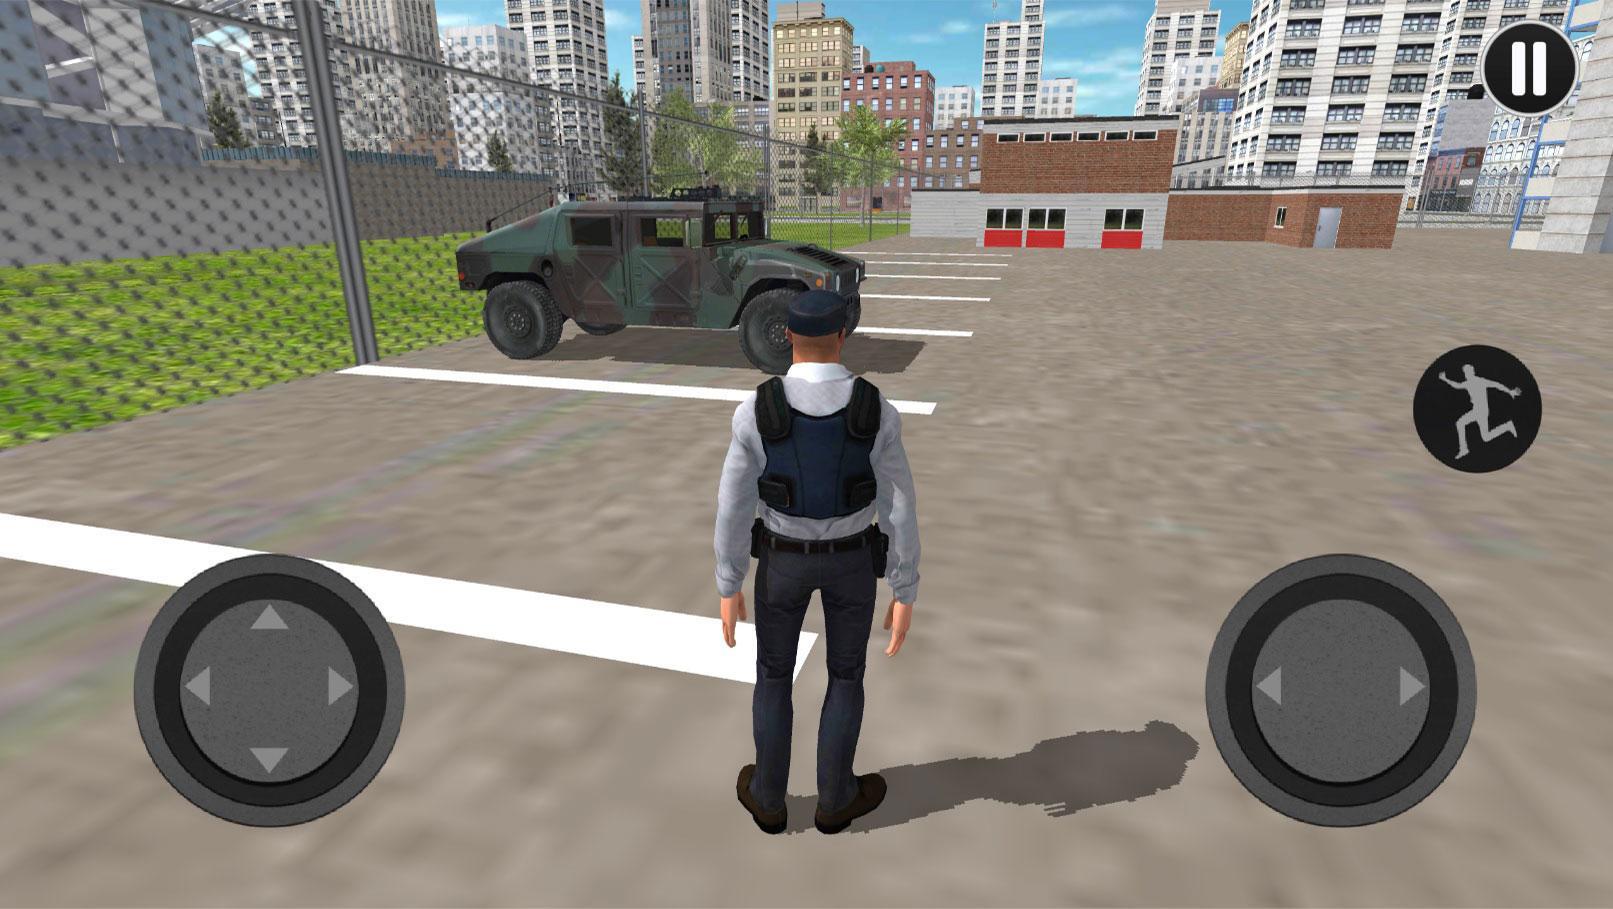 Android Icin Sehirde Askeri Arac Surme Ve Araba Oyunu 2020 Apk